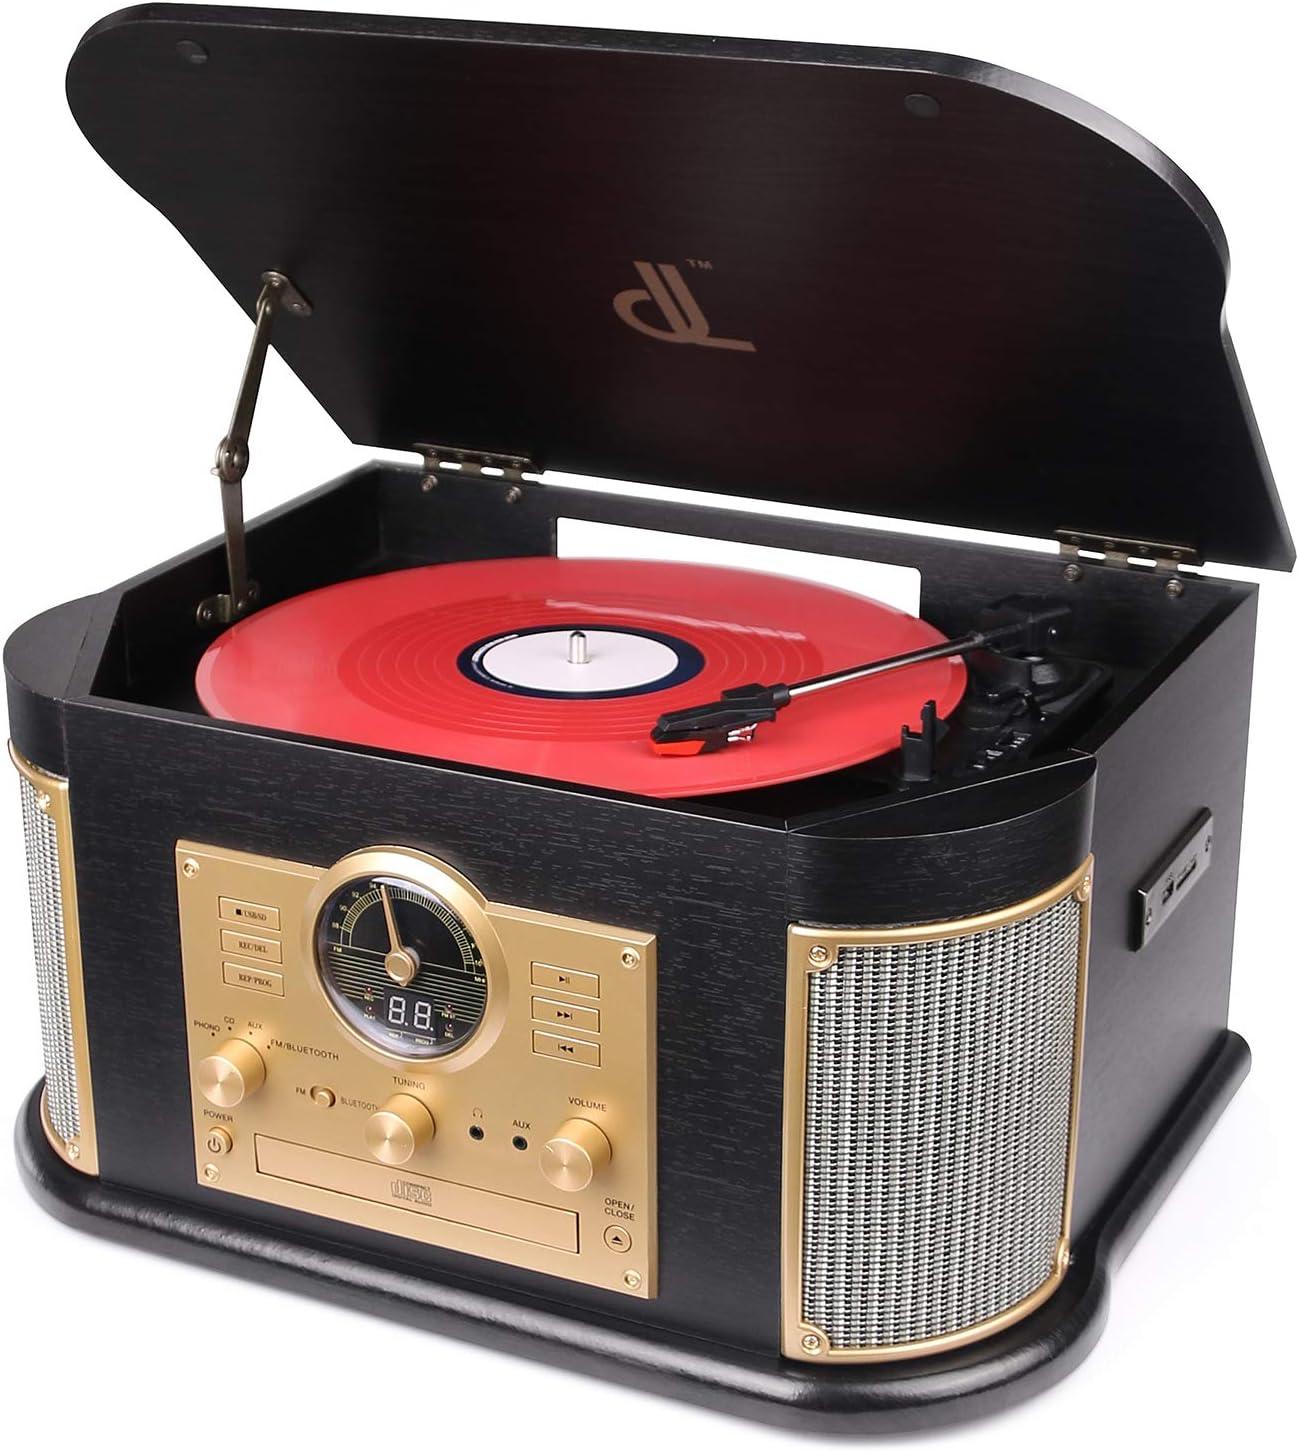 Plattenspieler Dl 7 In 1 Mit Bluetooth 2 9w Hohe Elektronik